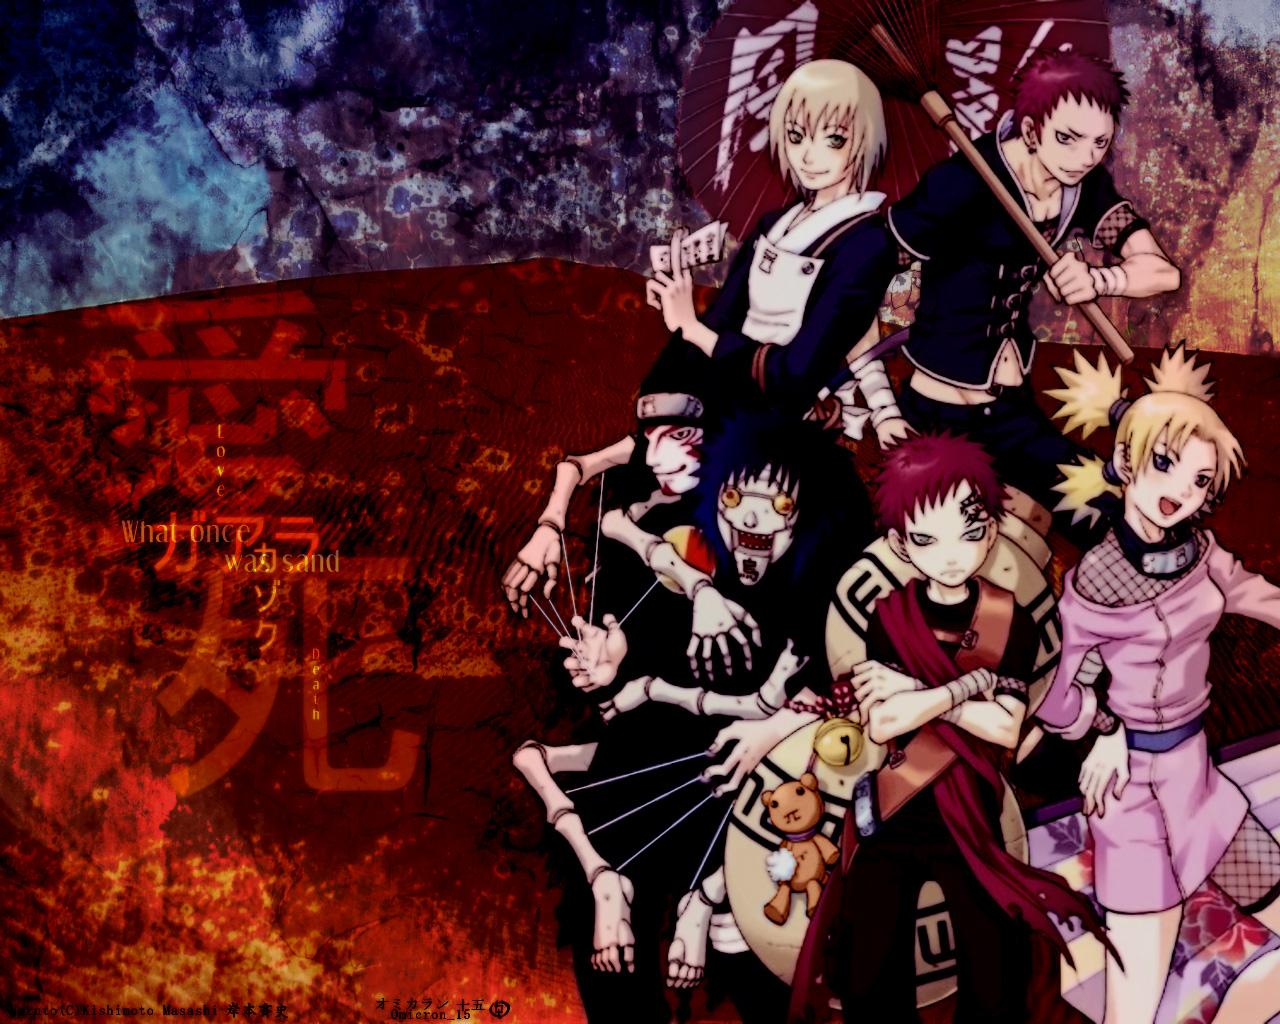 Naruto Wallpaper Sabaku No Gaara 1492182 Hd Wallpaper